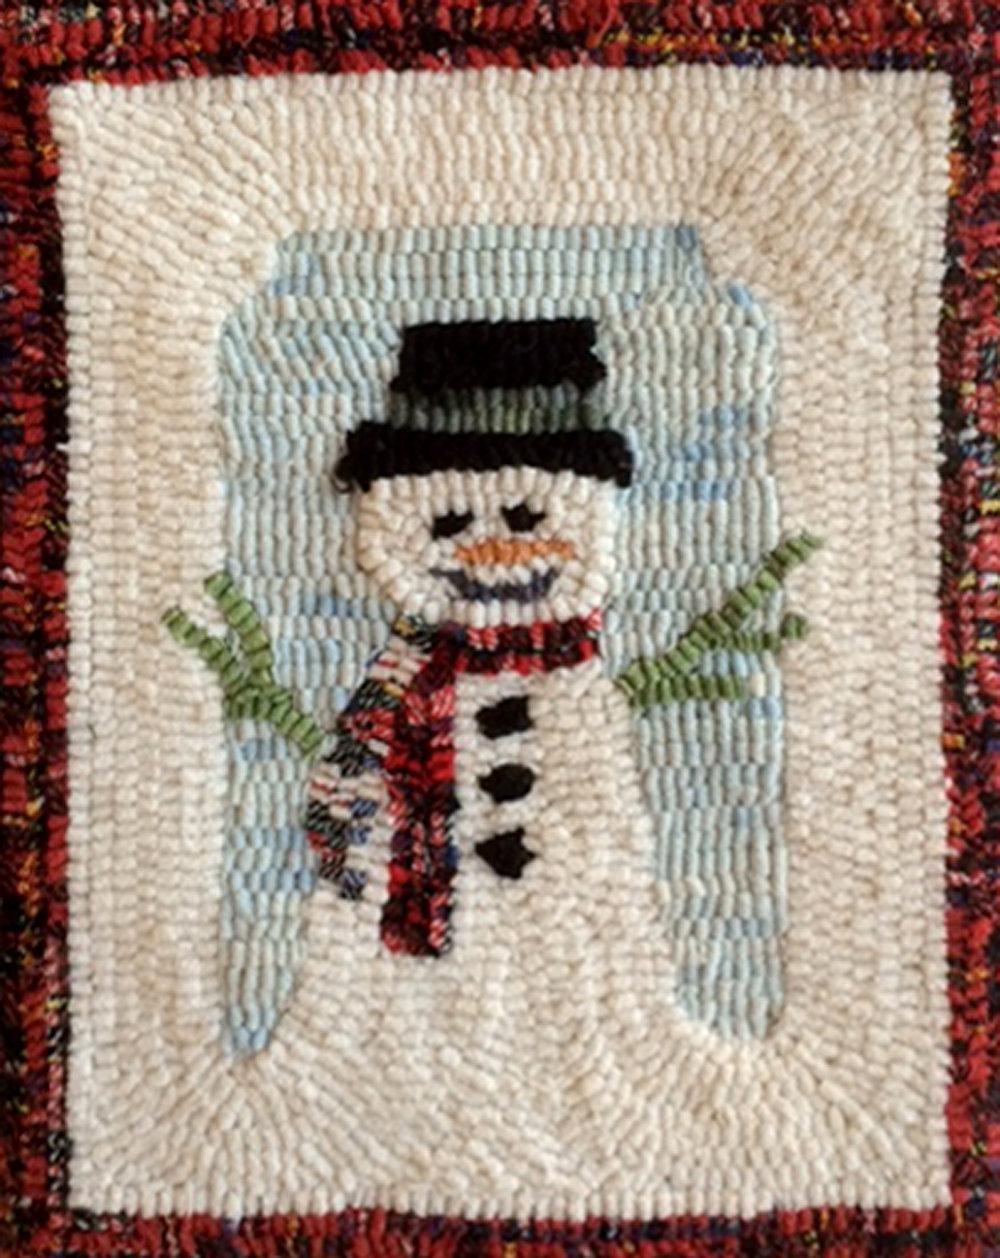 rug hook_snowman.jpg